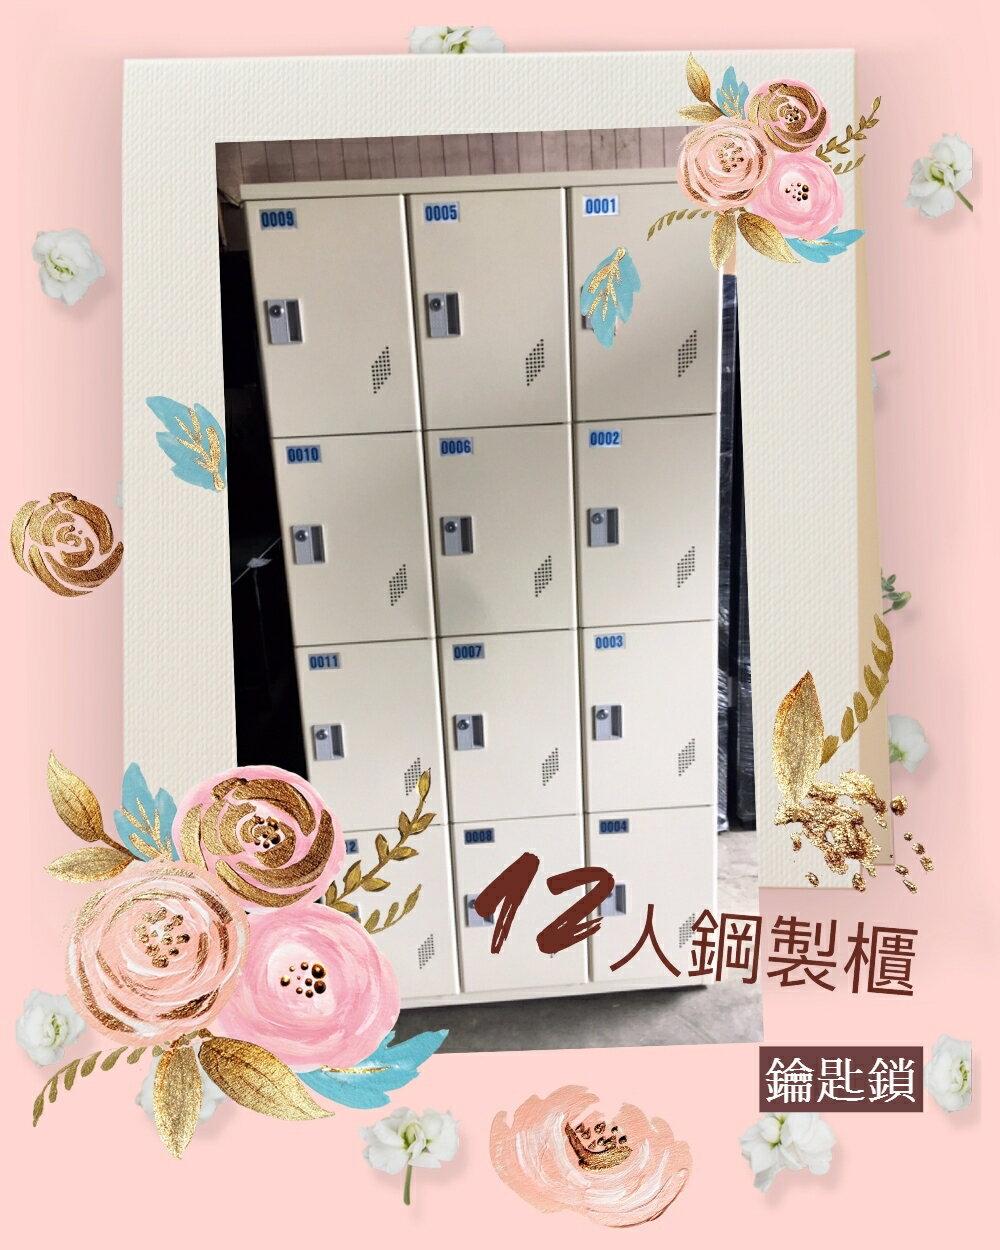 12人鋼製櫃 -鑰匙鎖/置物櫃/收納櫃/員工置物櫃